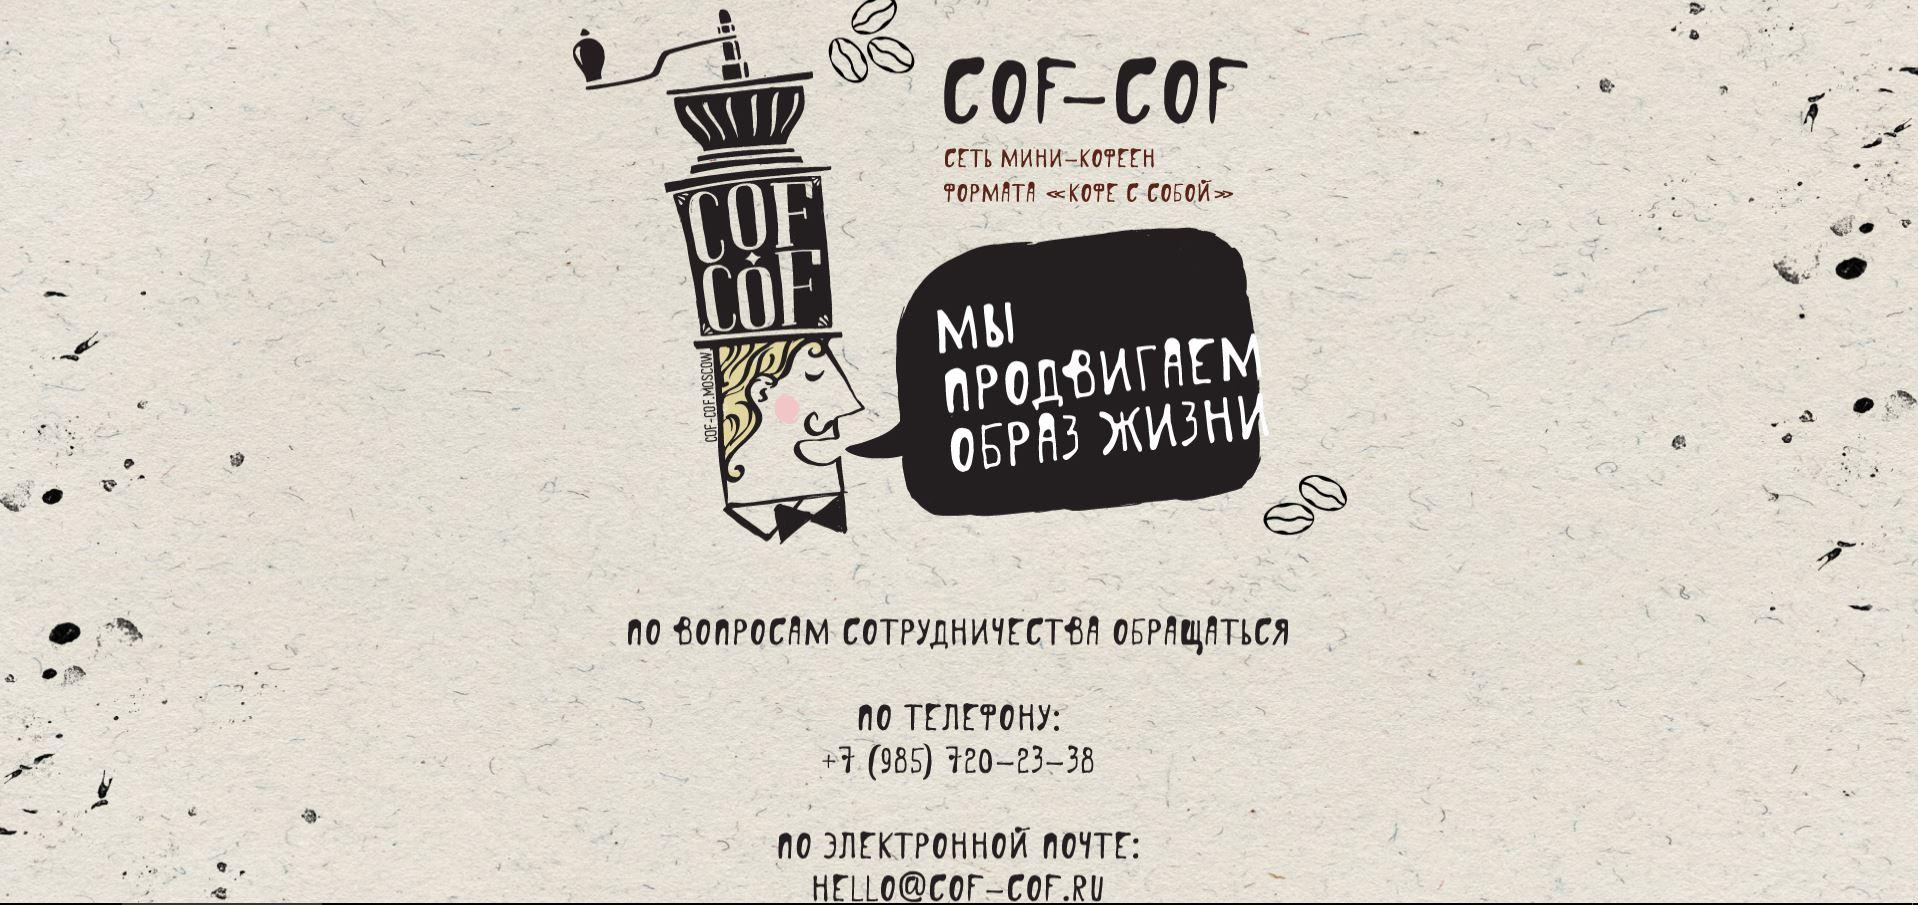 Название кофе-поинт